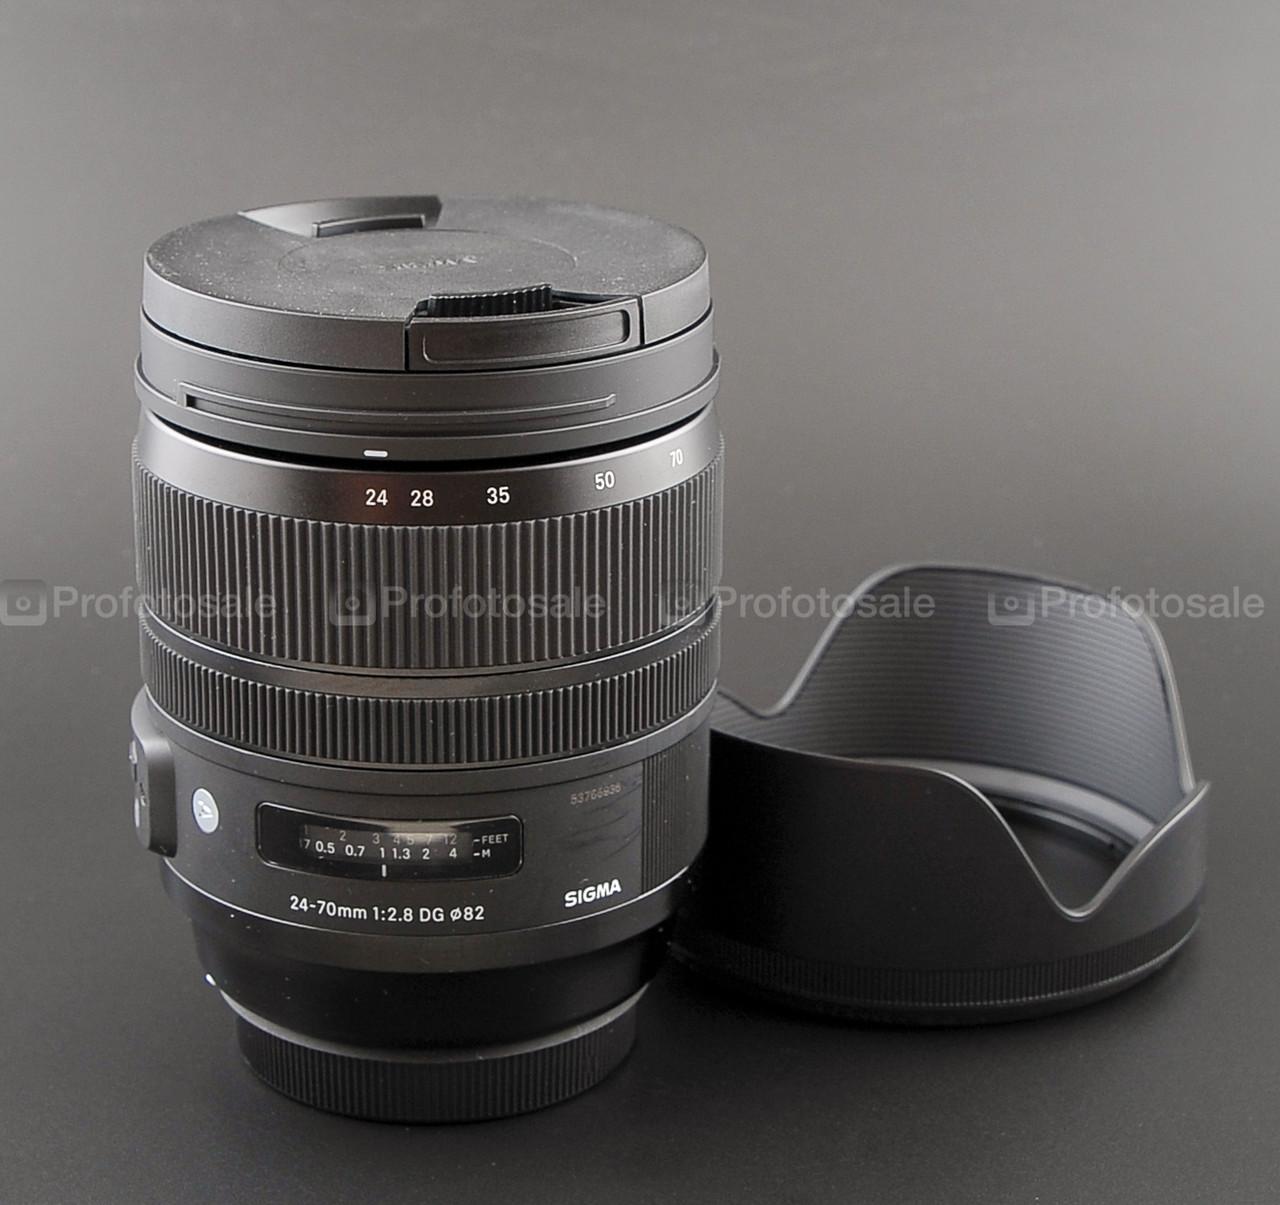 Sigma ART 24-70mm f2.8 DG (Canon)